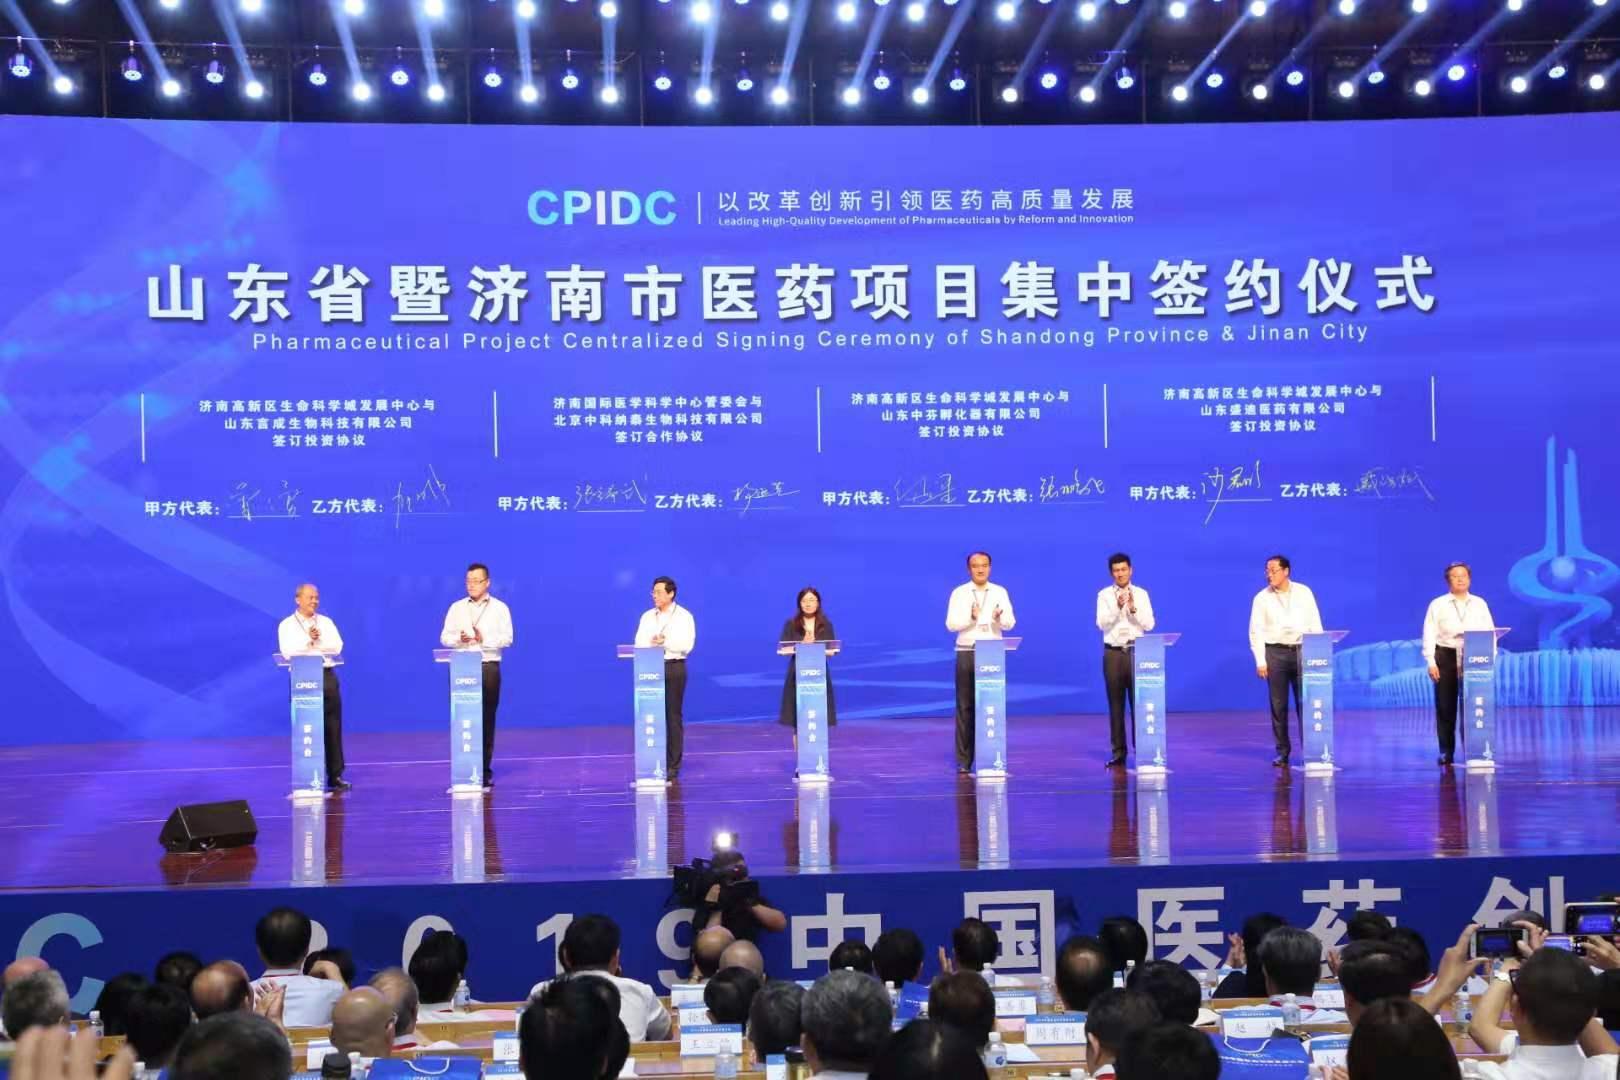 中国医药创新发展大会在济召开 4项院士合作项目签约济南